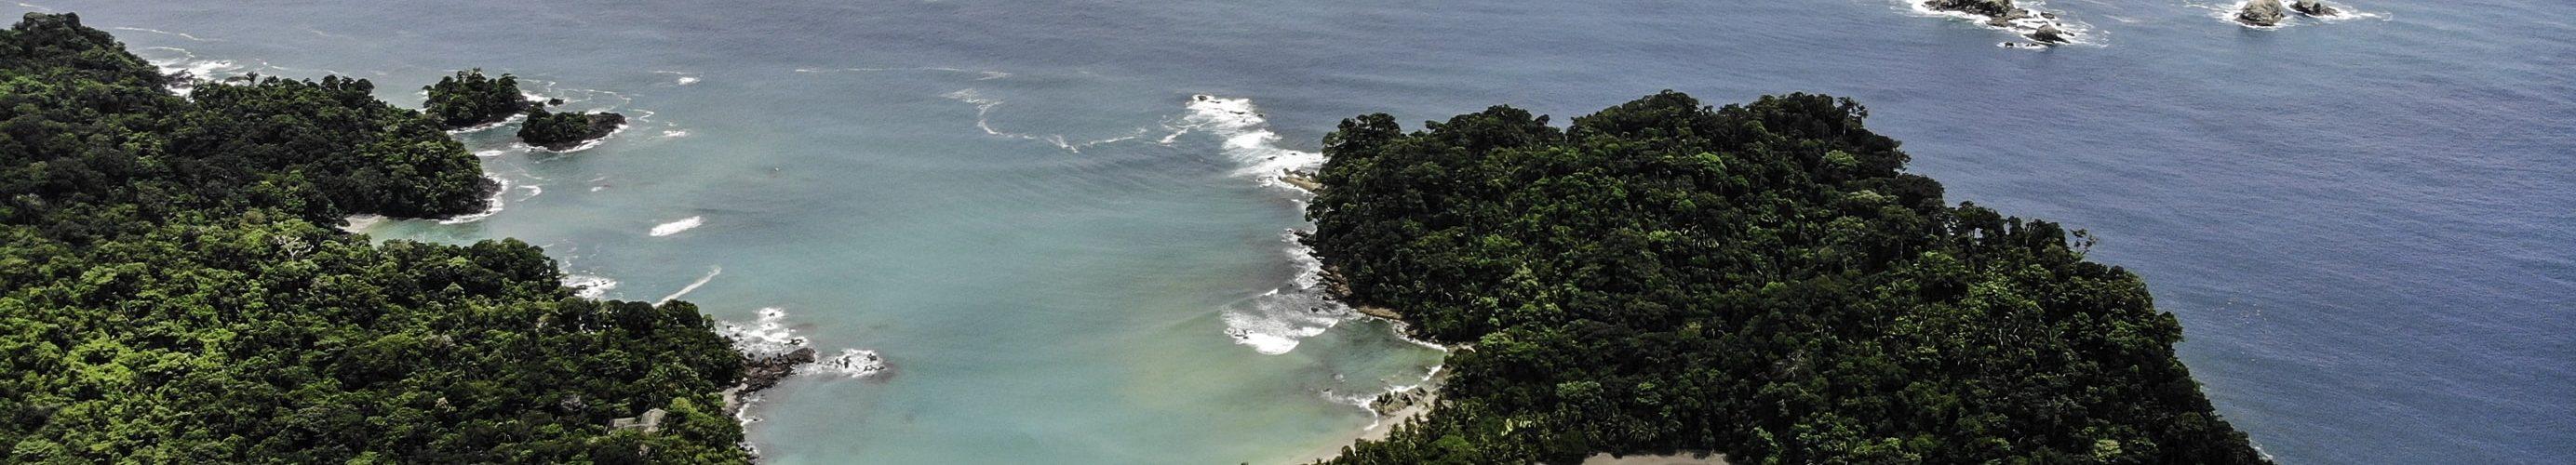 costa-rica-natuur